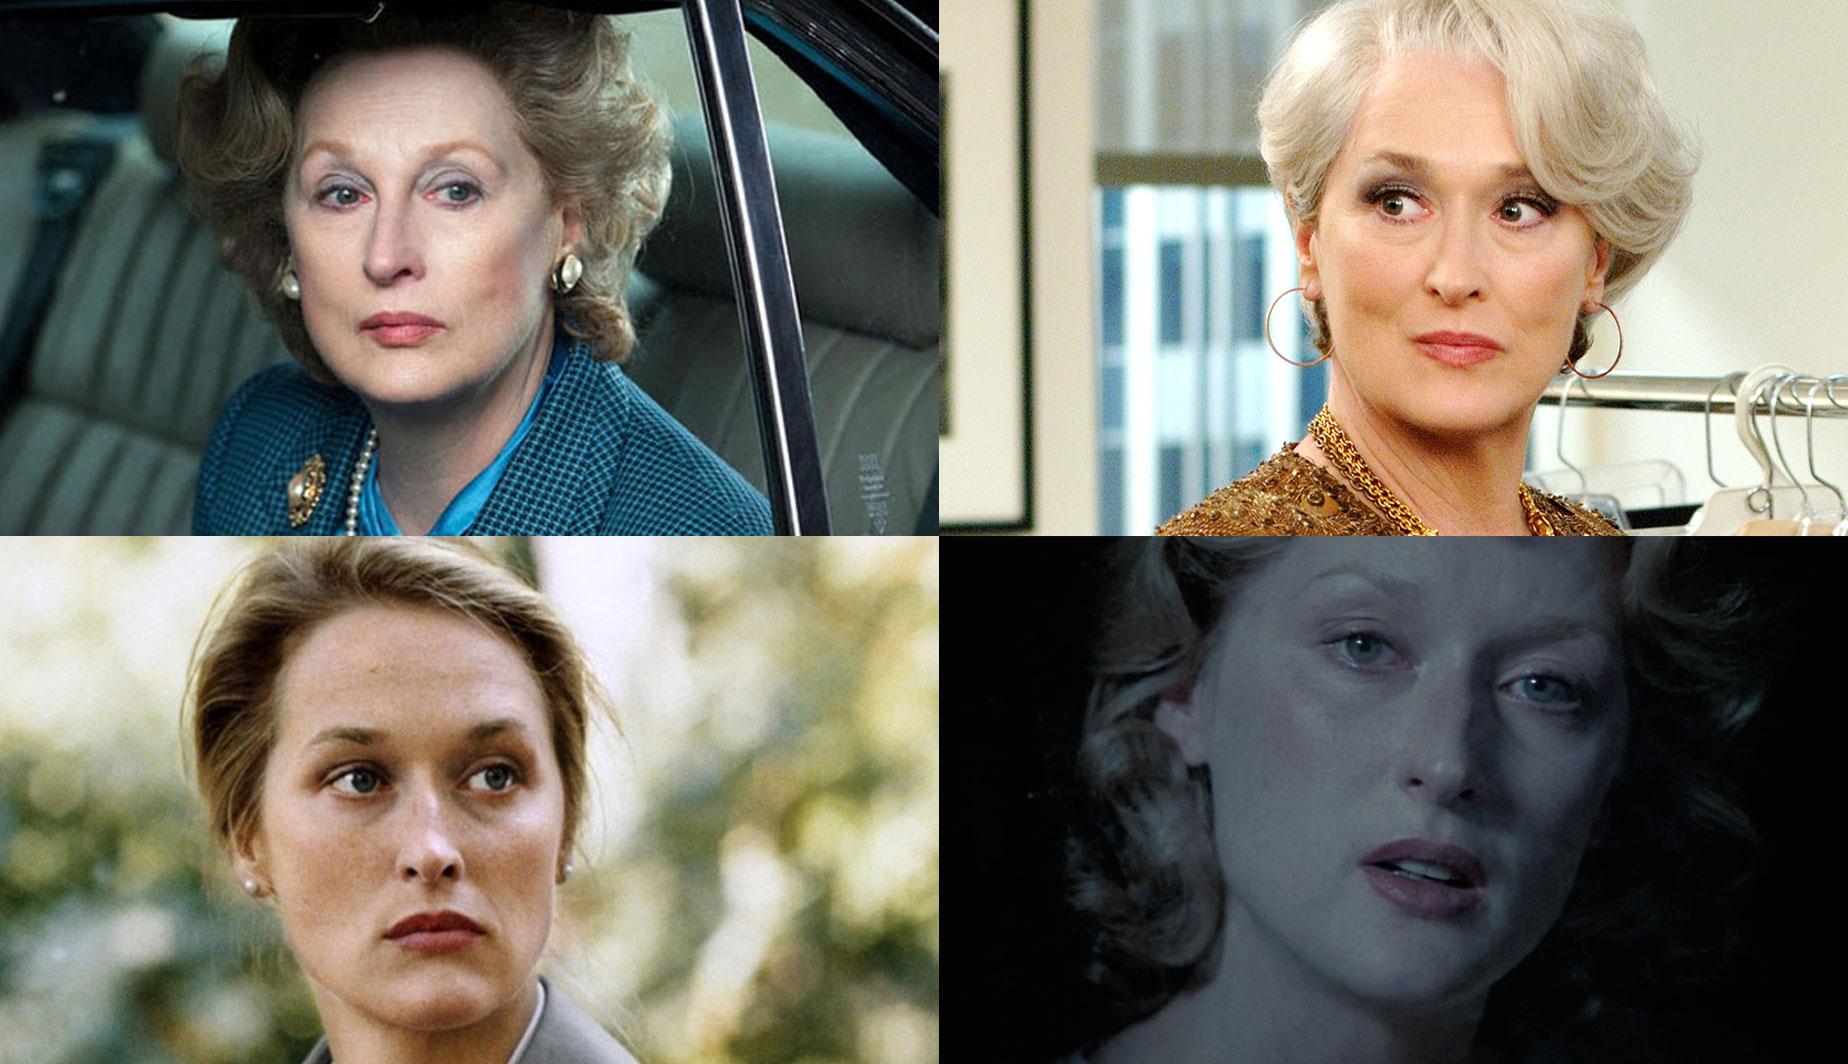 """PÚBLICO - Meryl Streep: uma actriz """"sobrevalorizada"""" e com vinte nomeações aos Óscares"""